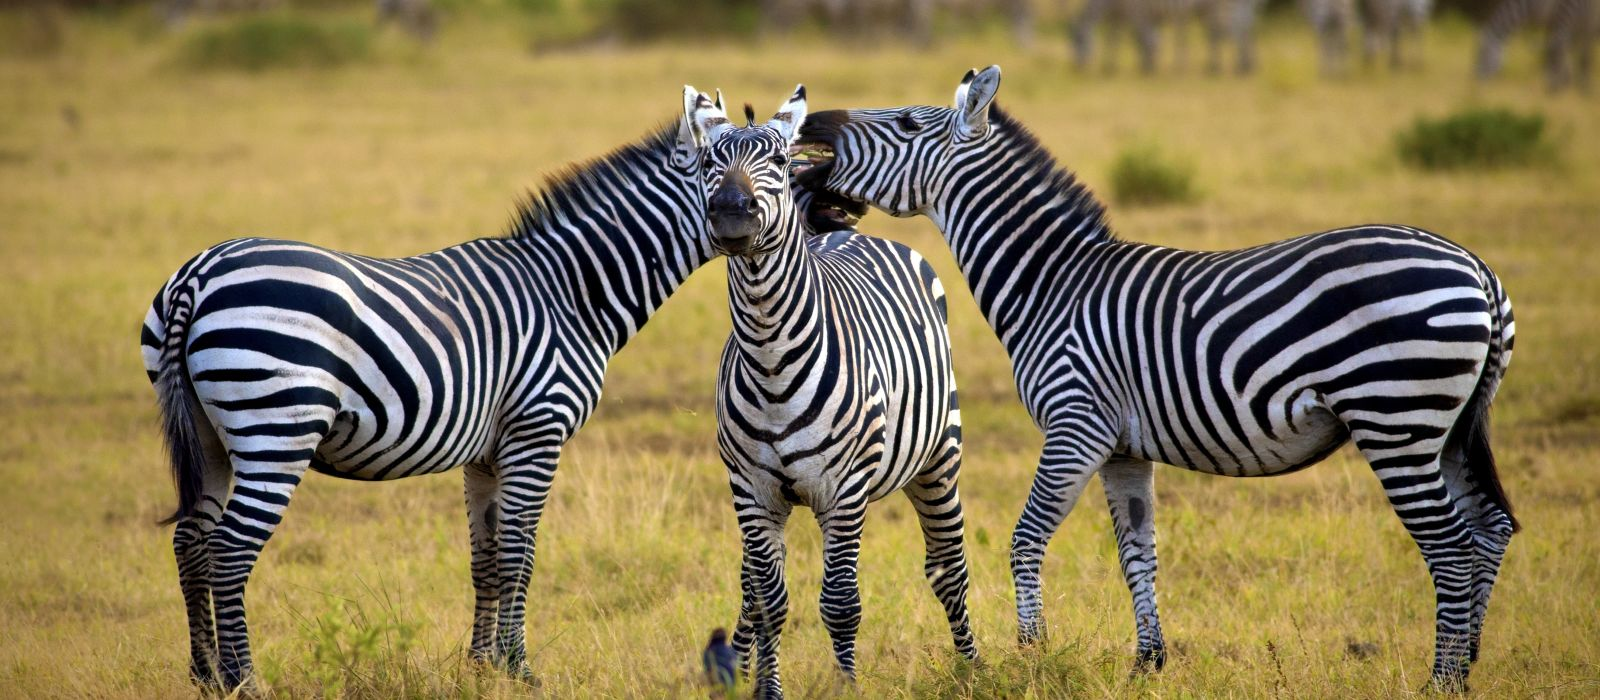 Tanzania: From Kilimanjaro to Zanzibar Tour Trip 2